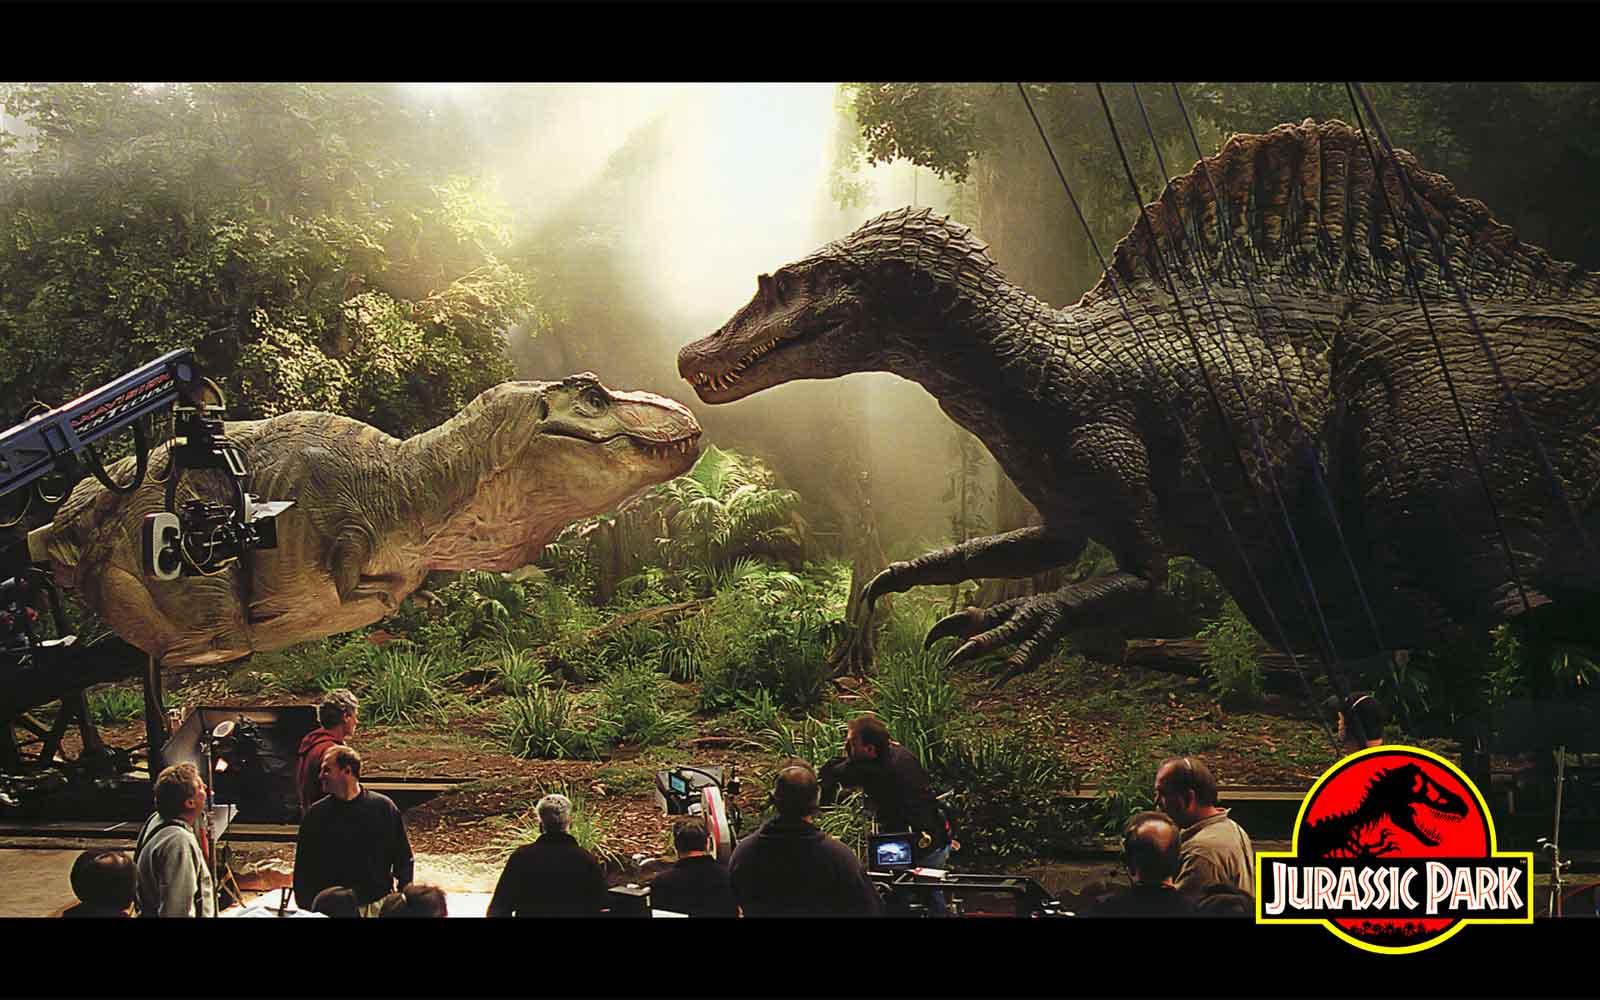 The Lost World Jurassic Park Media Wiki 1600x1000